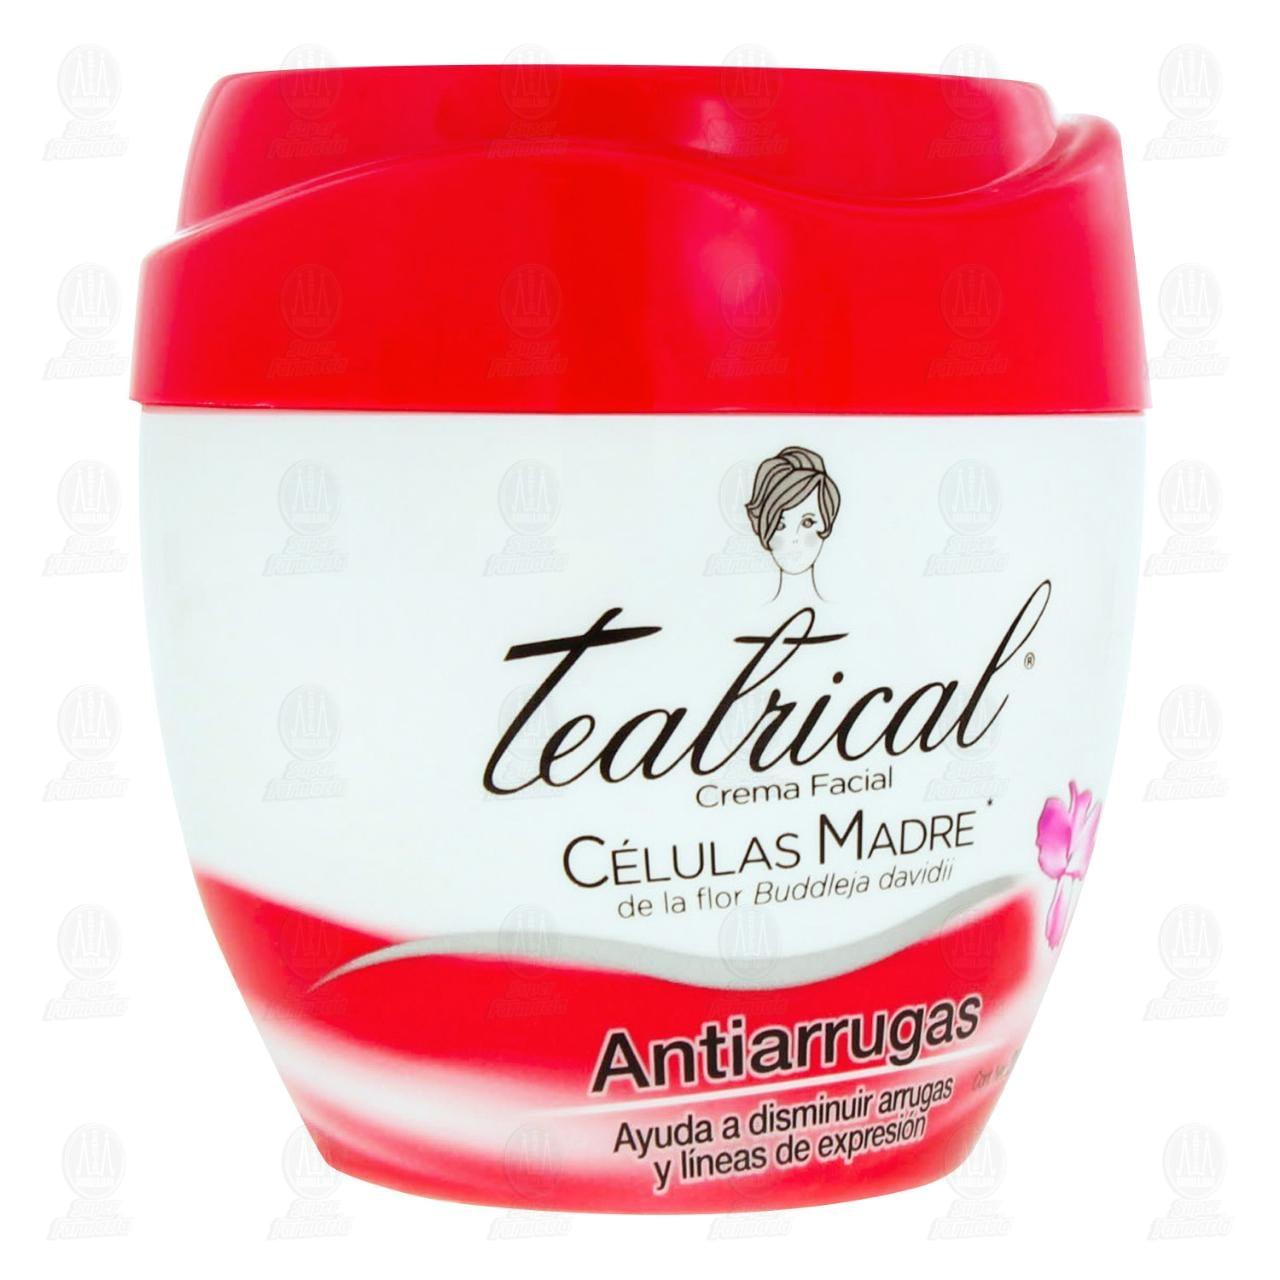 Comprar Crema Facial Teatrical Células Madre Antiarrugas, 200 gr. en Farmacias Guadalajara